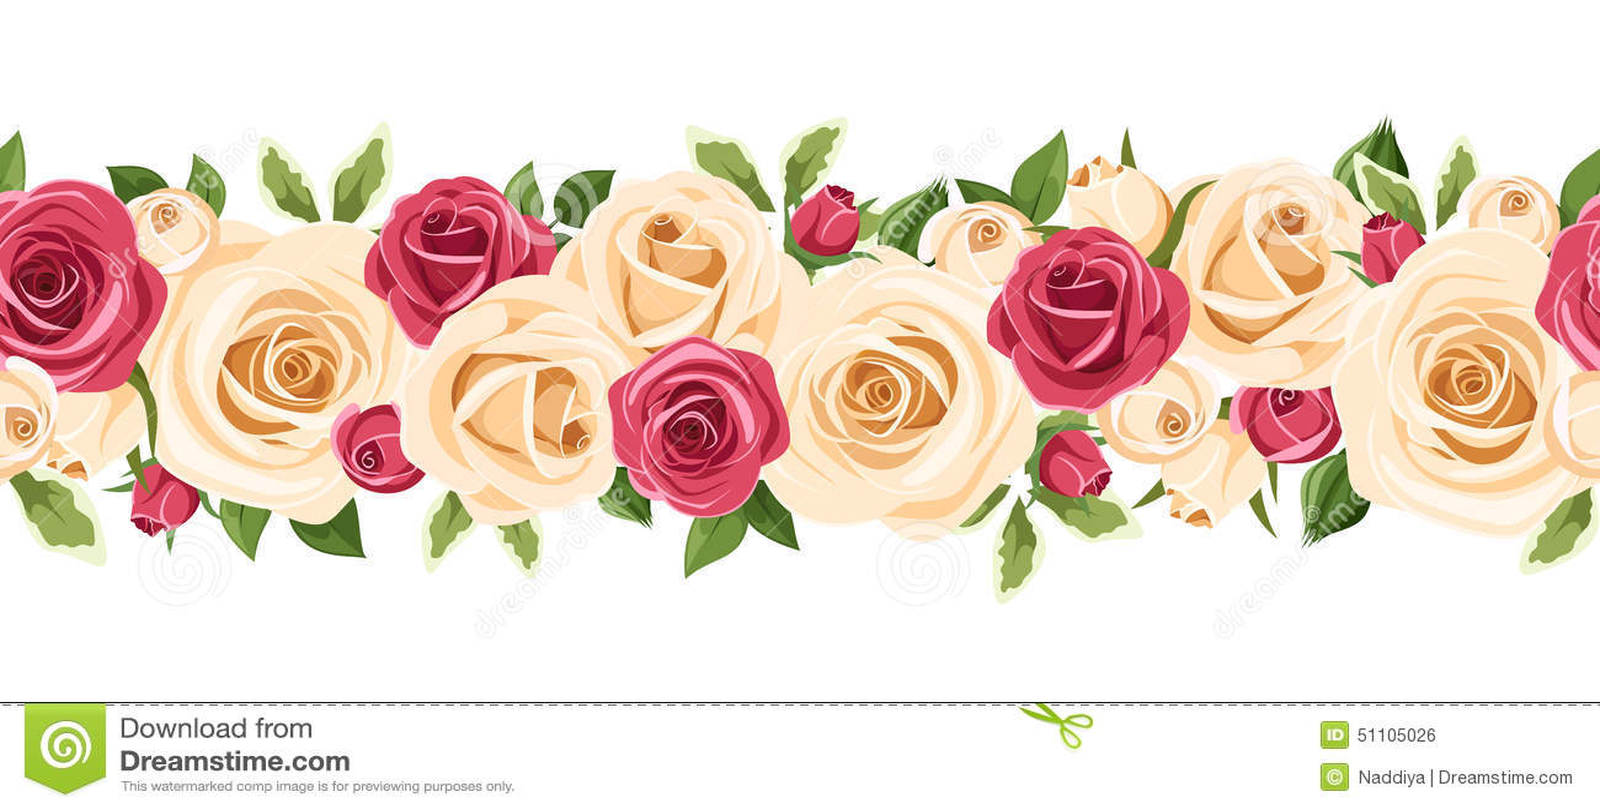 Flores Vectoriales Con Fondo Transparente: Fondo Inconsútil Horizontal Con Las Rosas Rojas Y Blancas